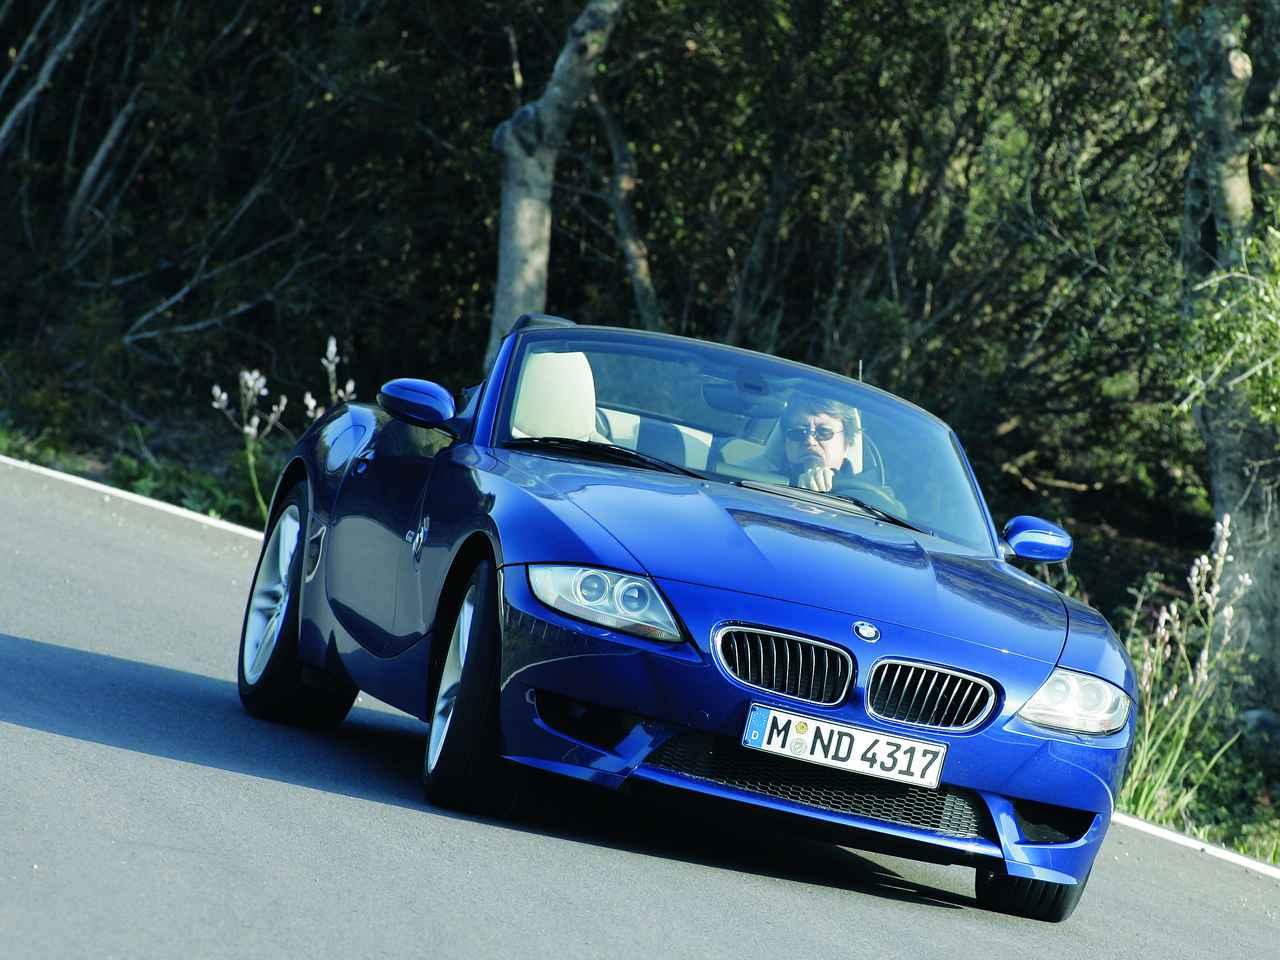 【ヒットの法則165】BMW Z4 M ロードスターはM社が送り出した「Z4の本命」だった